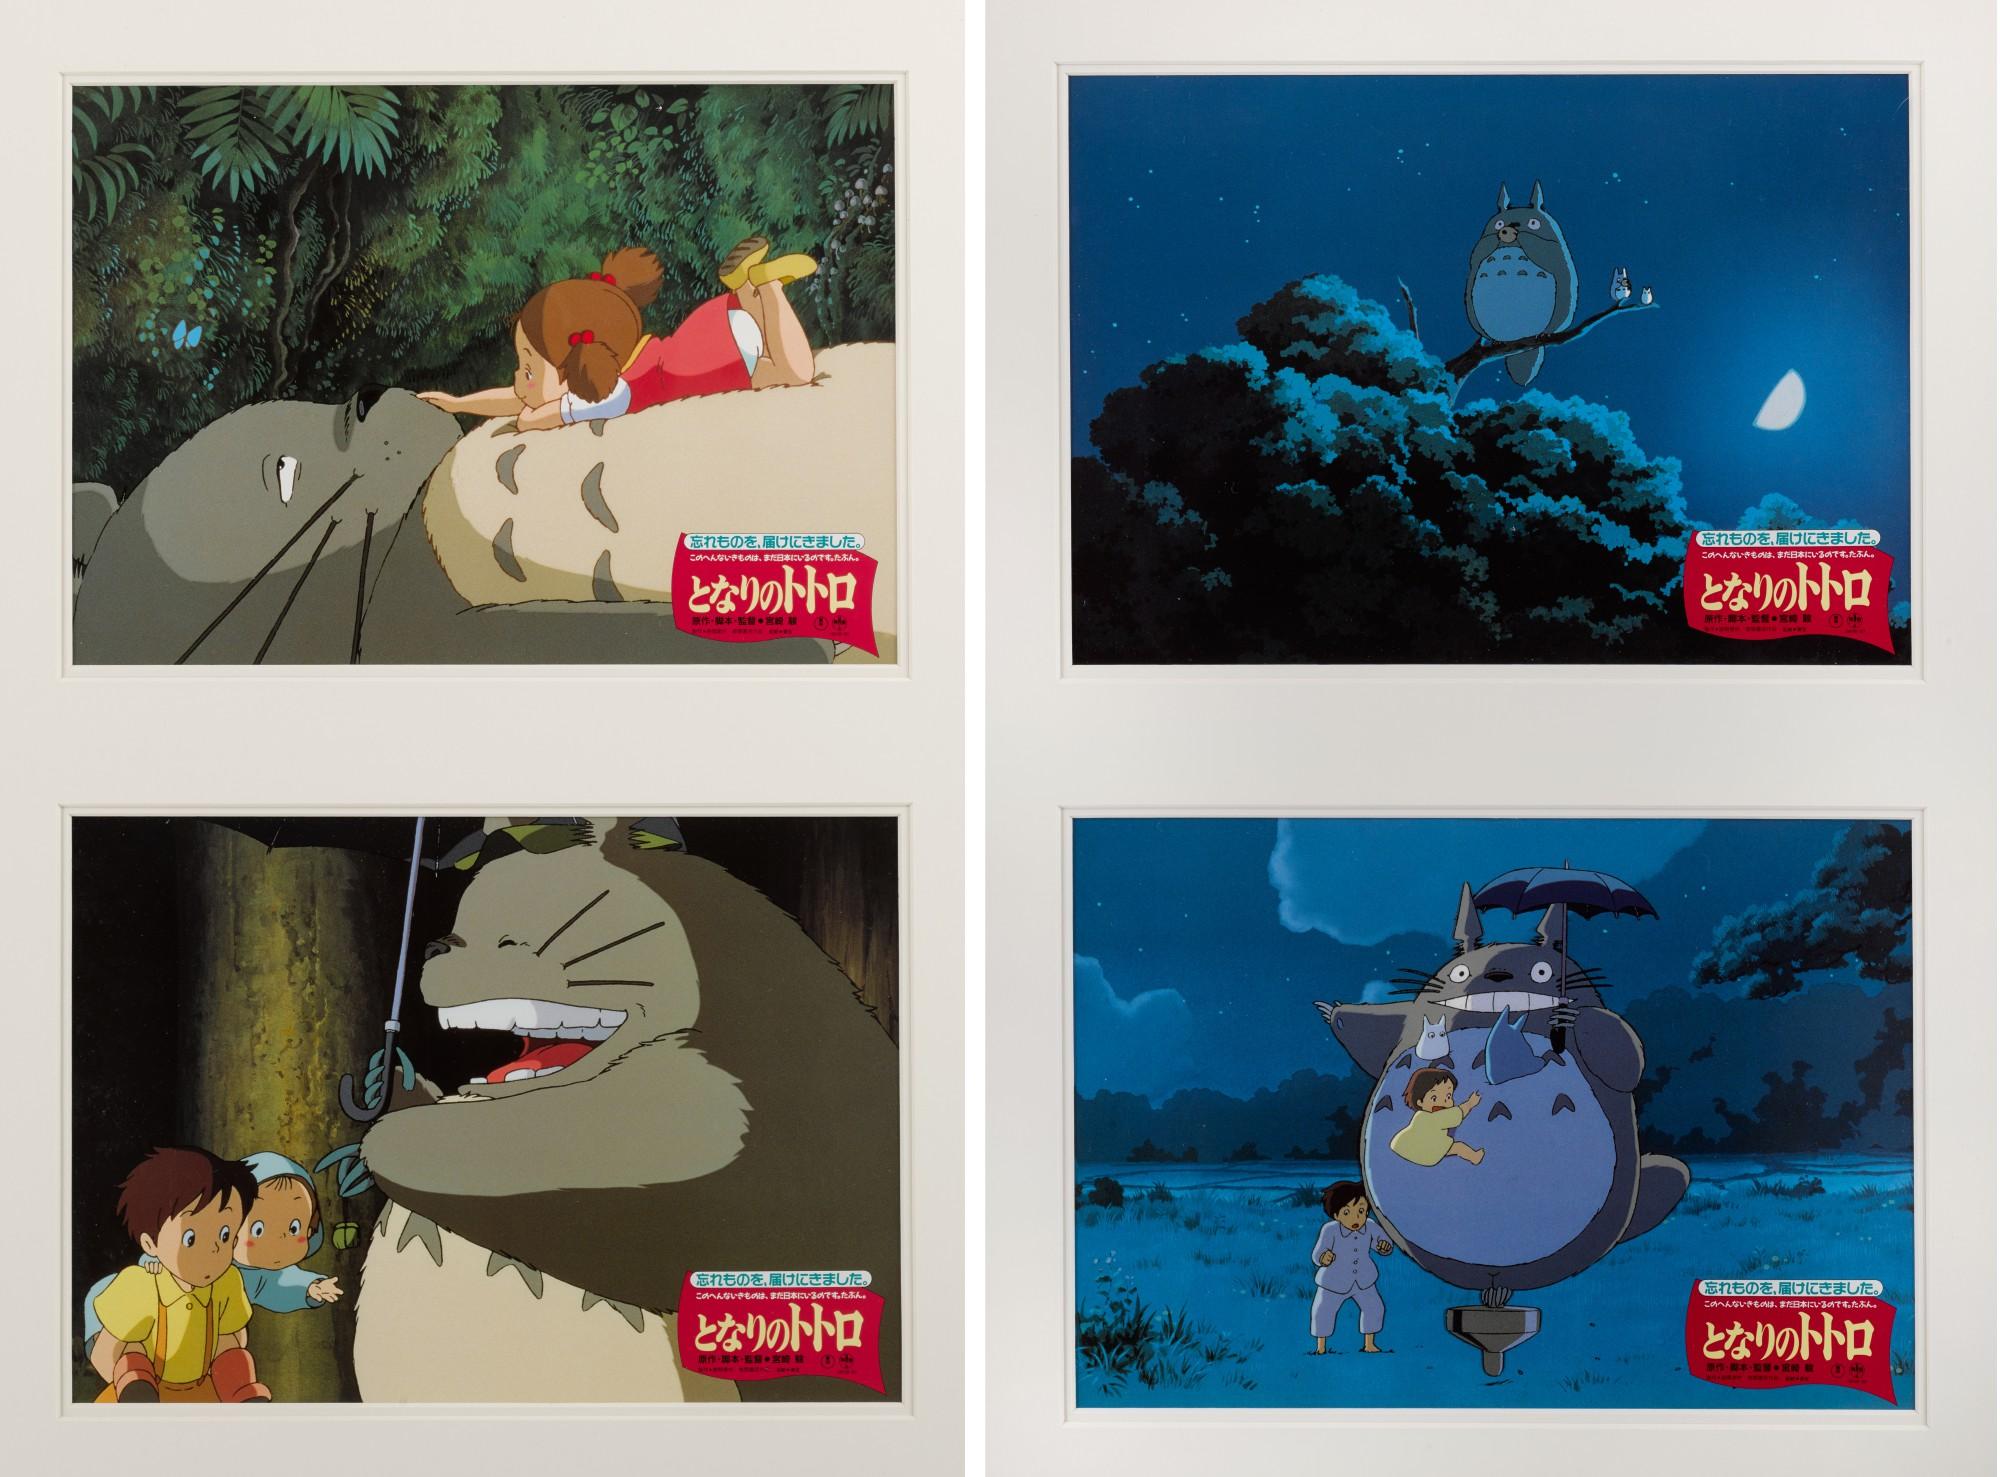 TONARI NO TOTORO / MY NEIGHBOR TOTORO (1988) FOUR LOBBY CARDS, JAPANESE